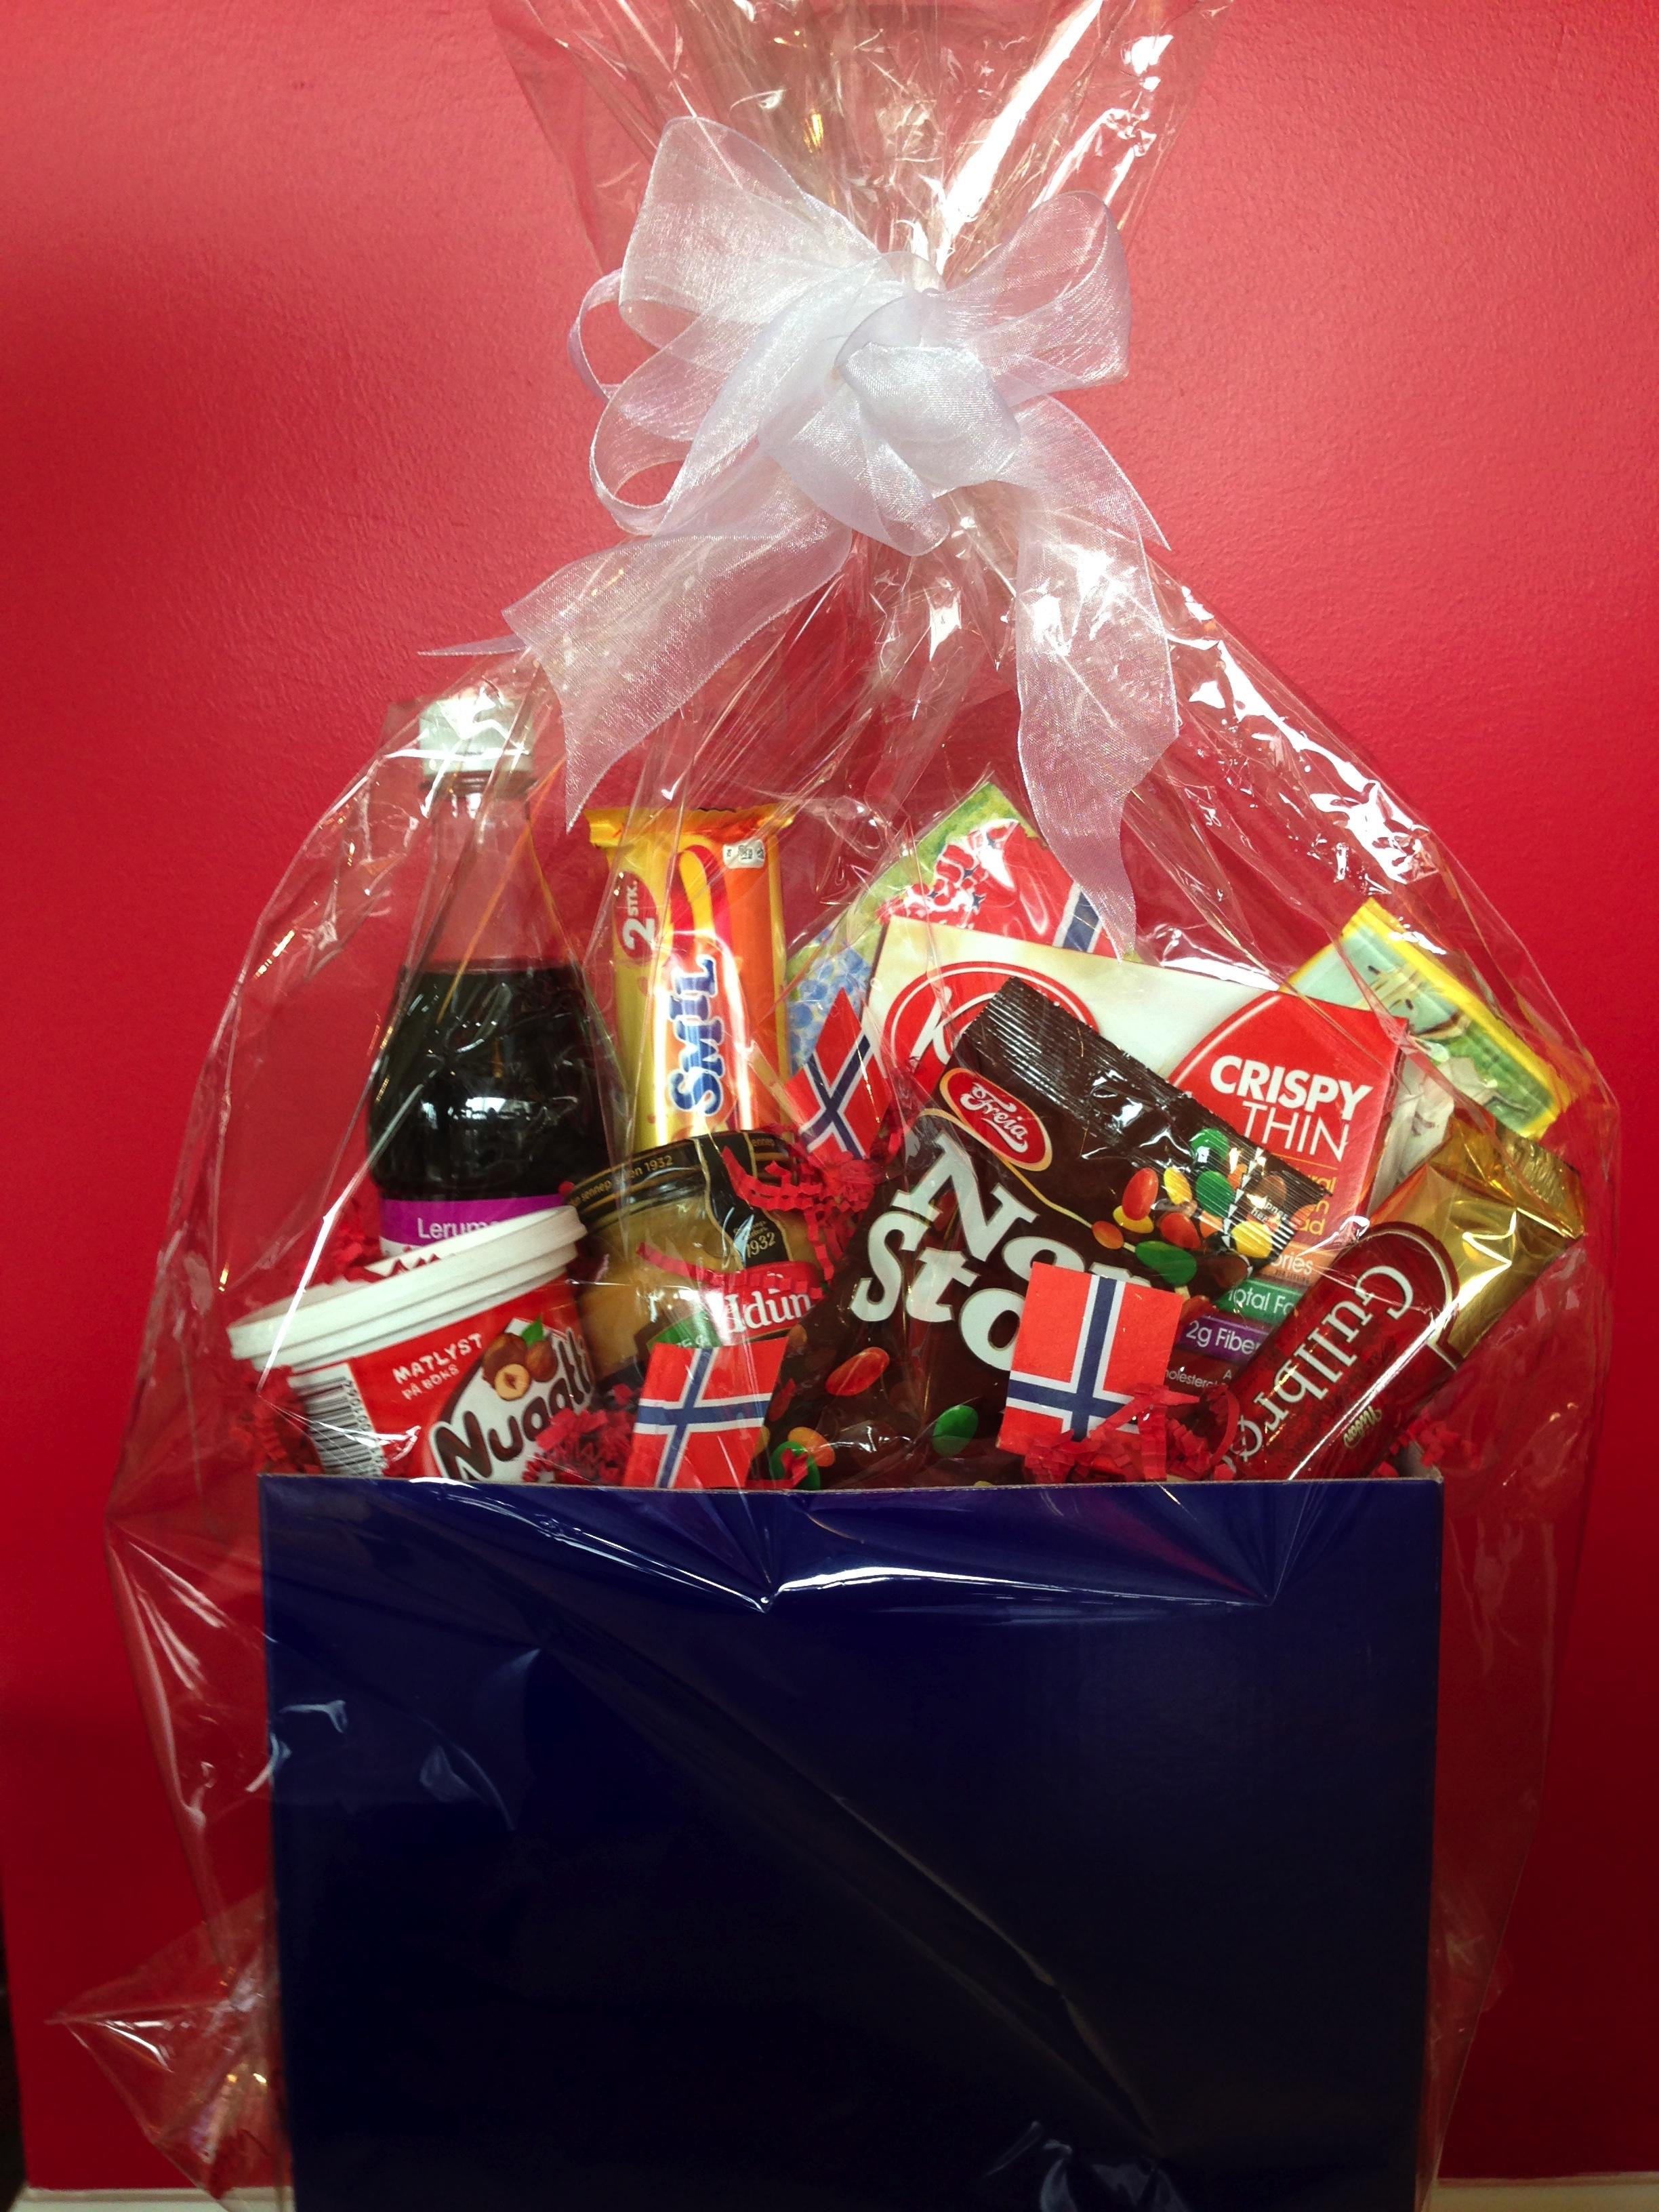 Food Gift Baskets For Christmas